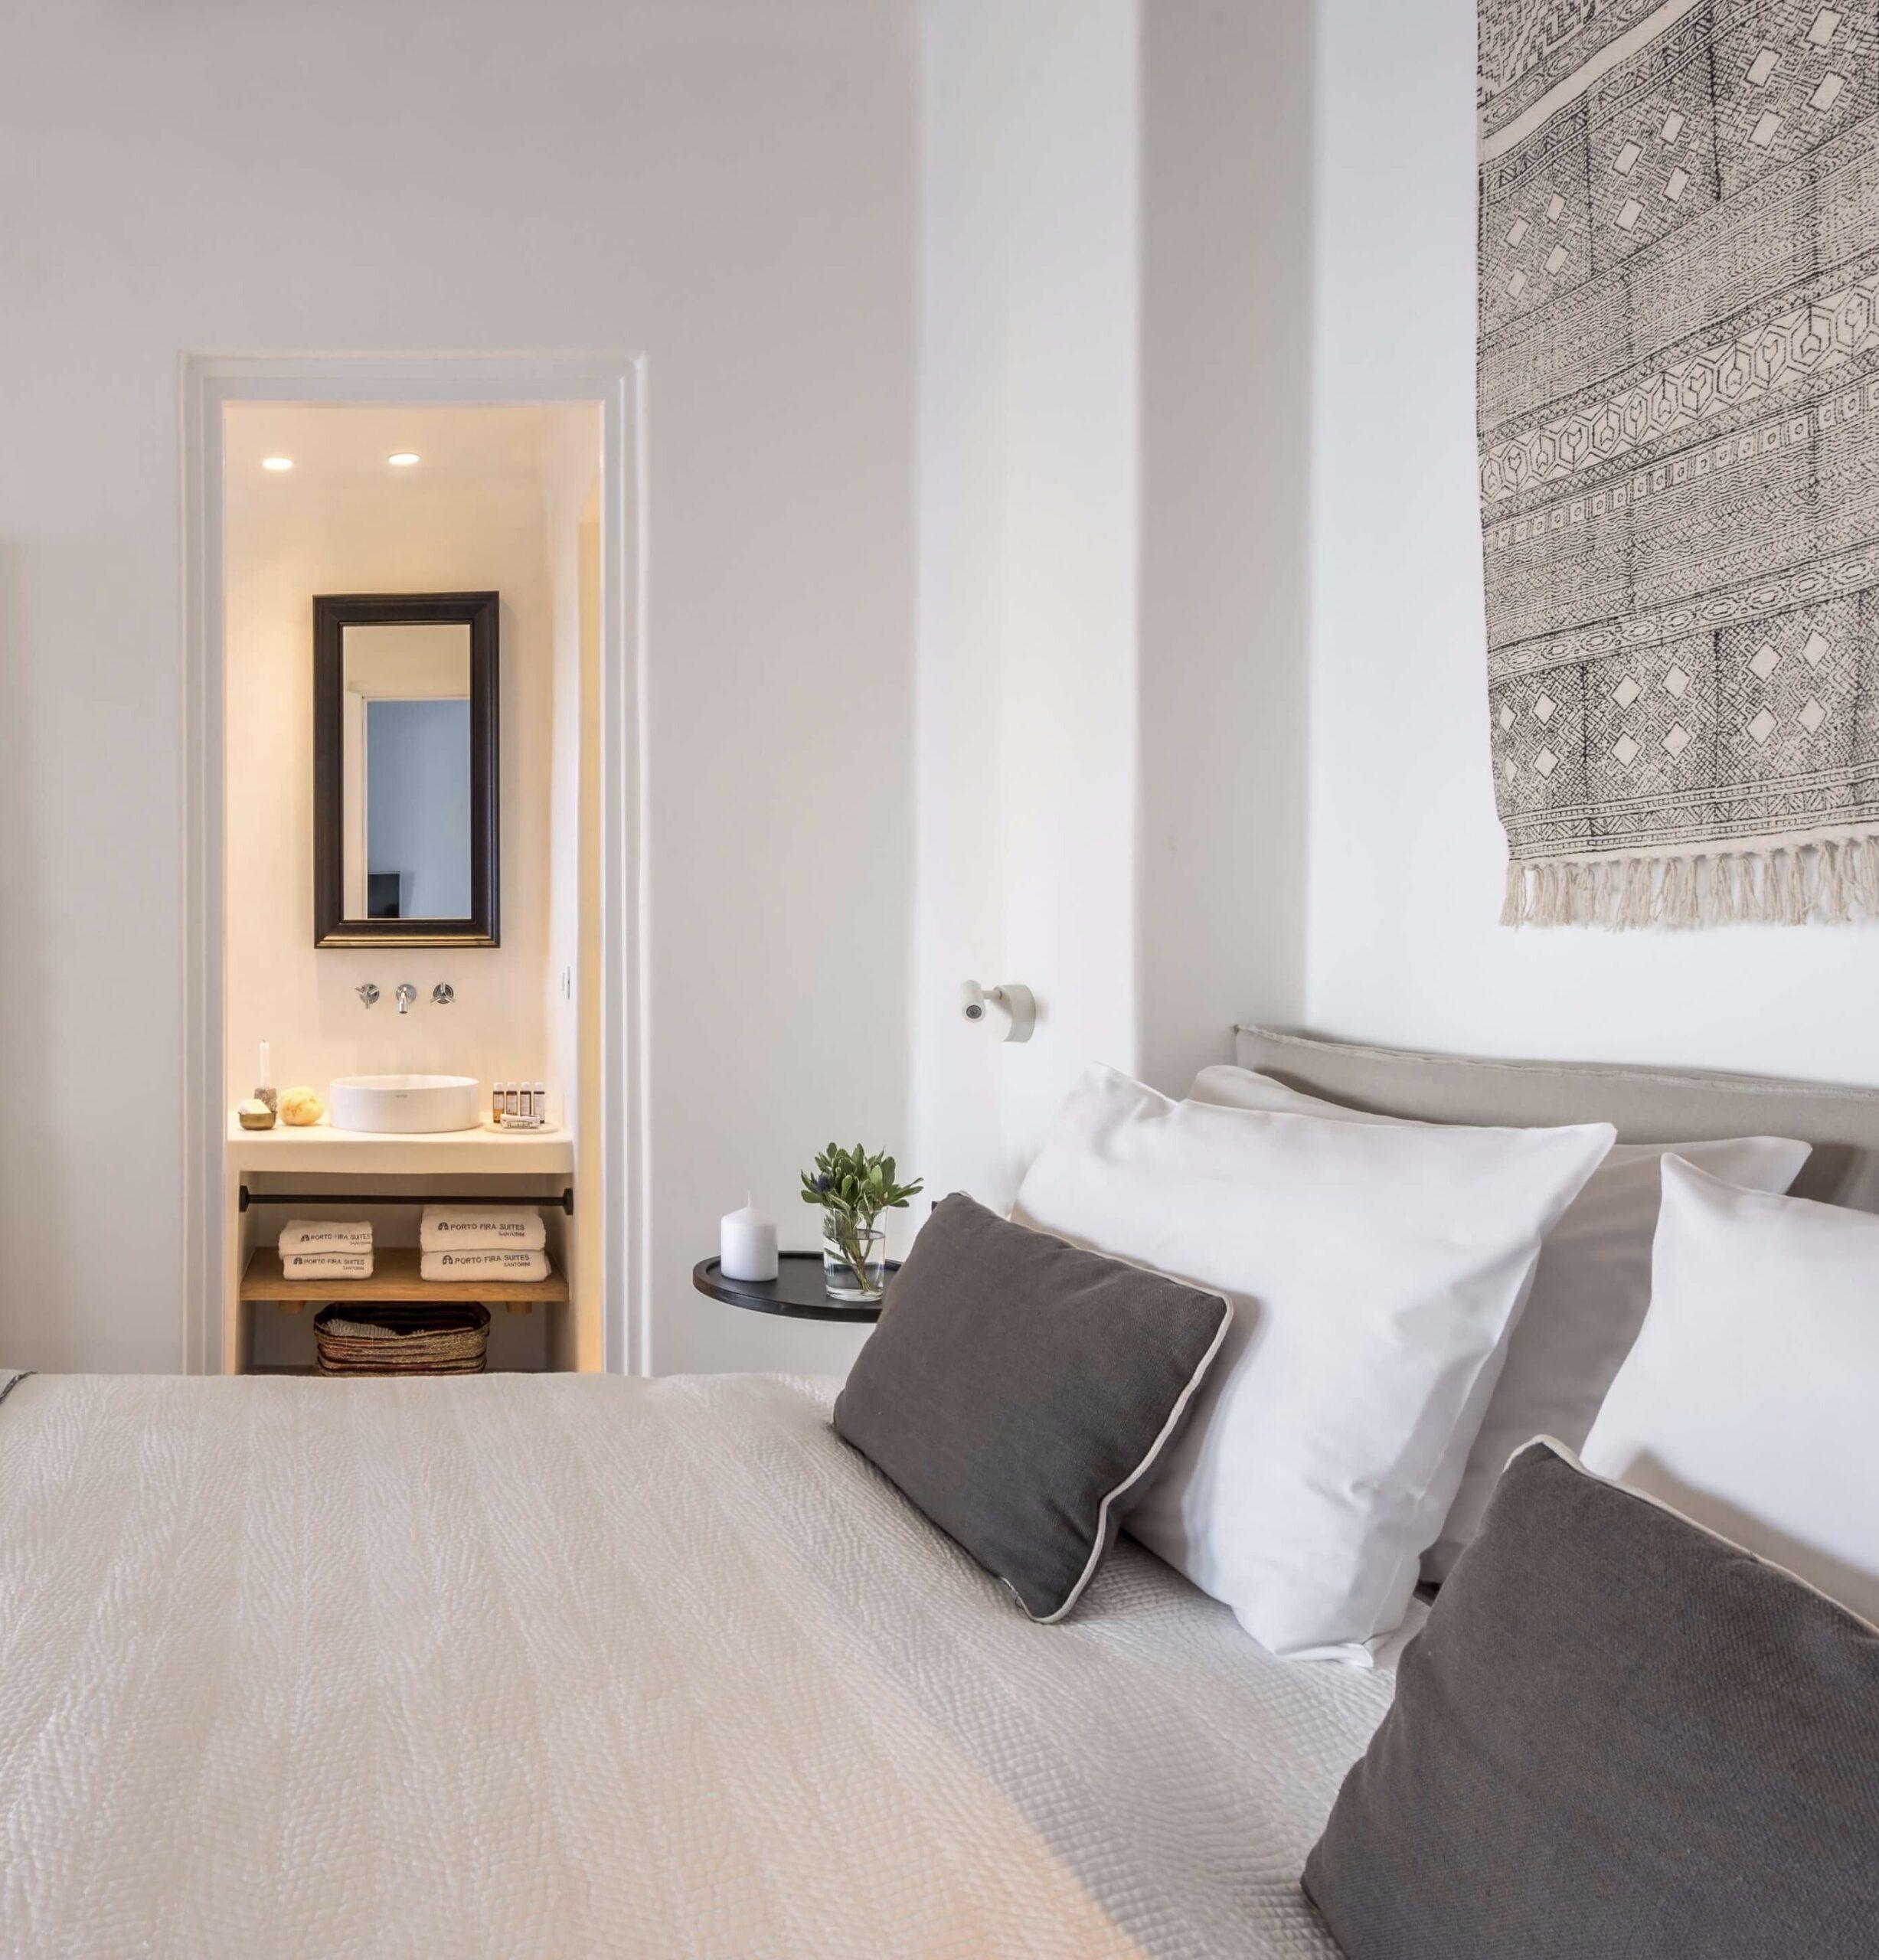 suite parentale chambre style méditerranéen tête de lit tapis suspendu mural